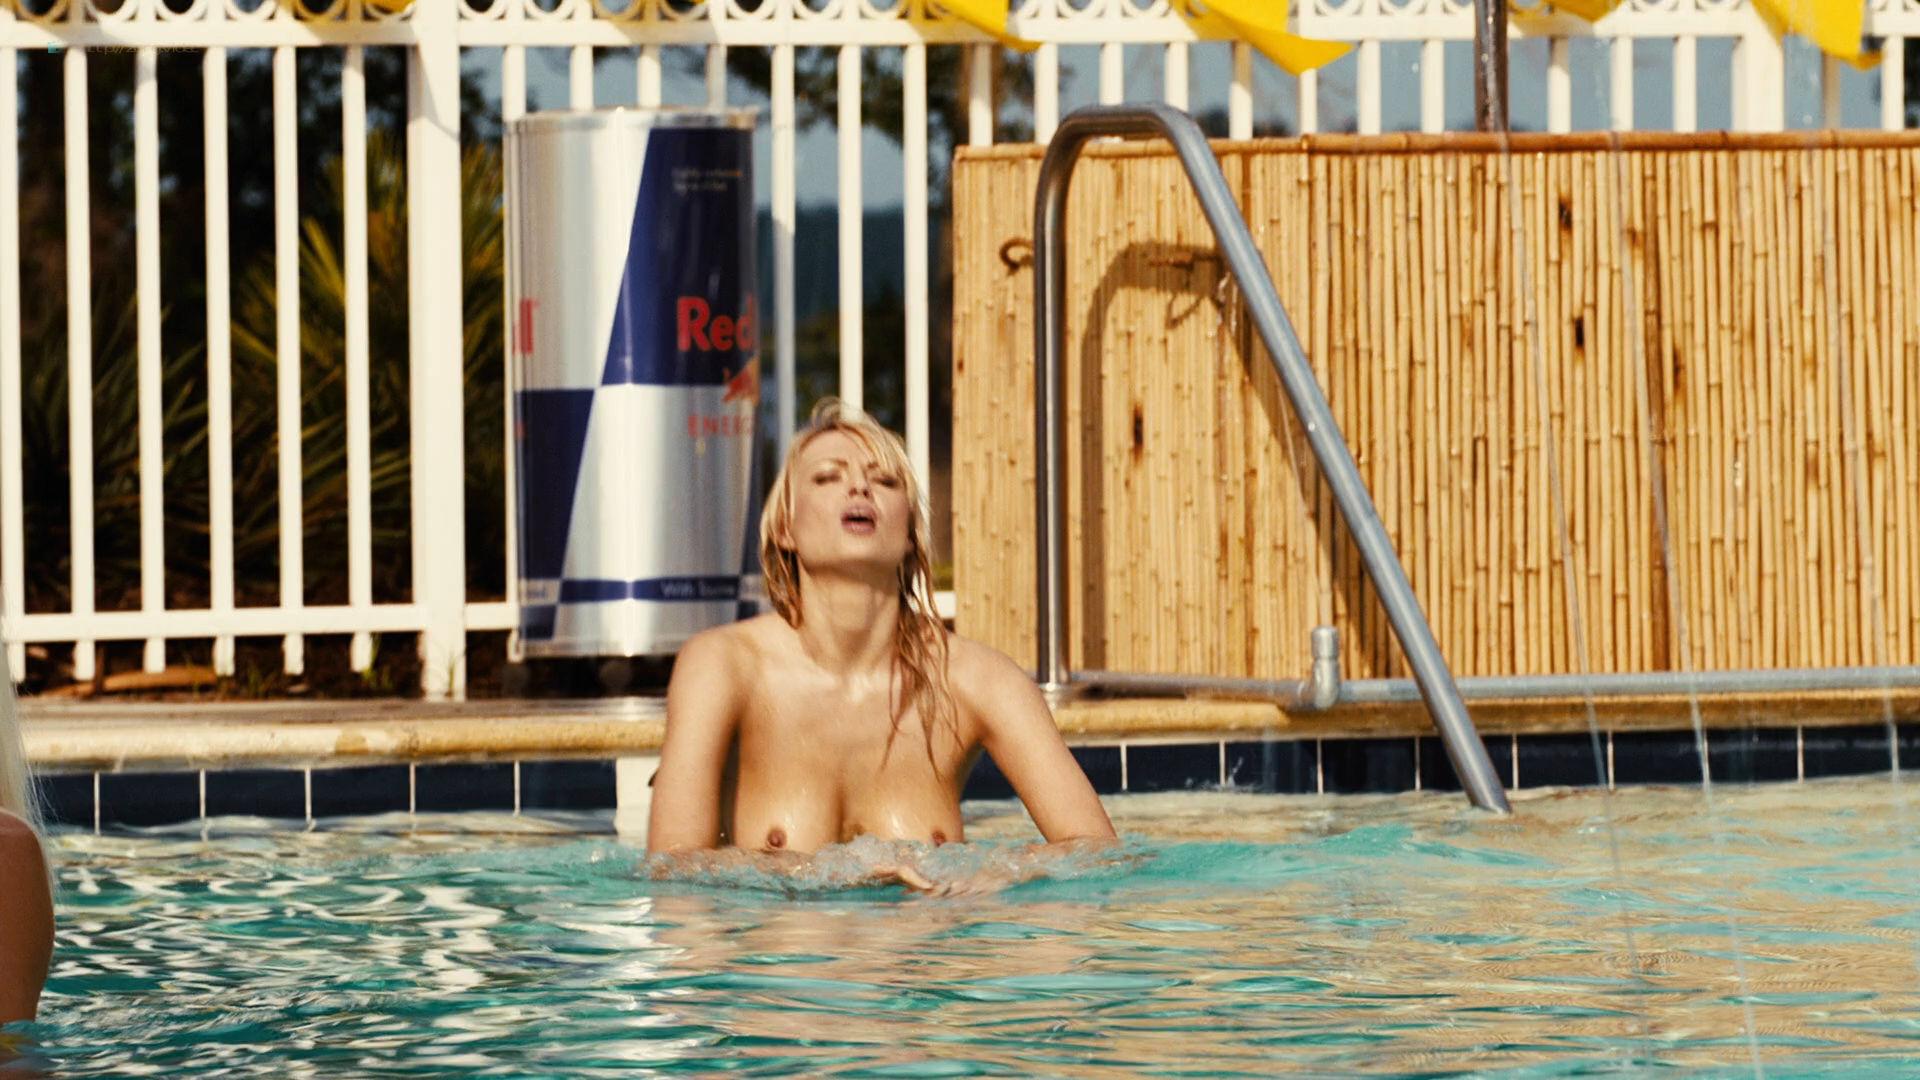 Irina Voronina full frontal nude Katrina Bowden hot - Piranha 3DD (2012) HD 1080p (17)